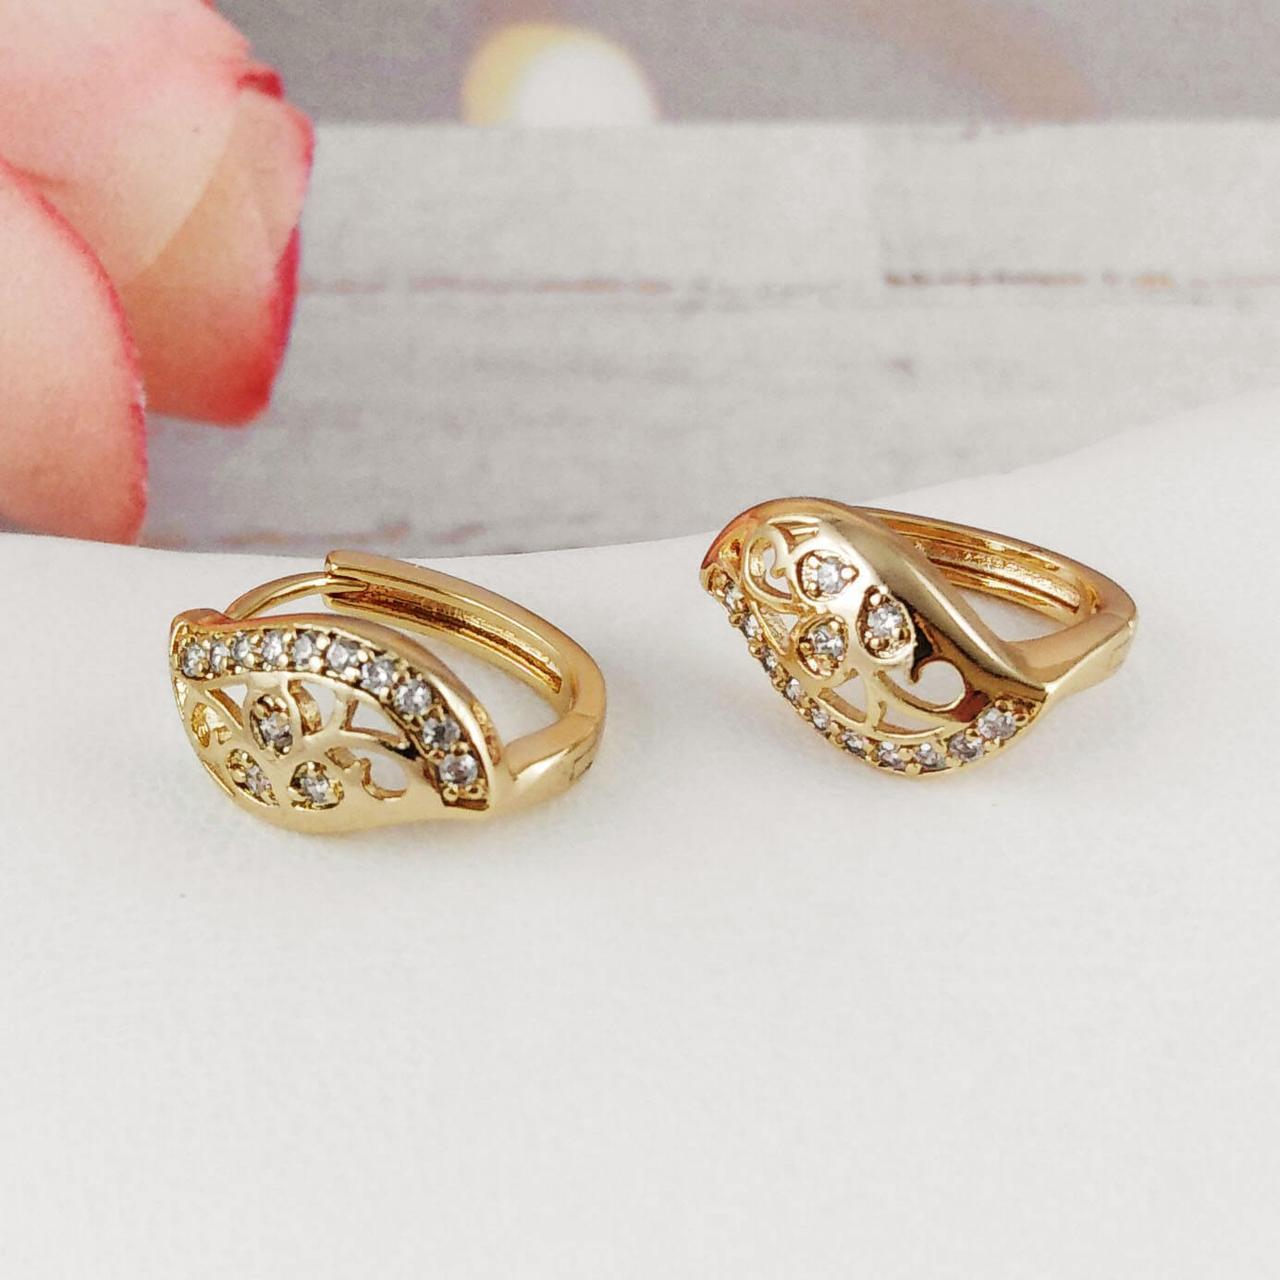 Серьги Xuping Jewelry Ева медицинское золото, позолота 18К английский замок. А/В 4496